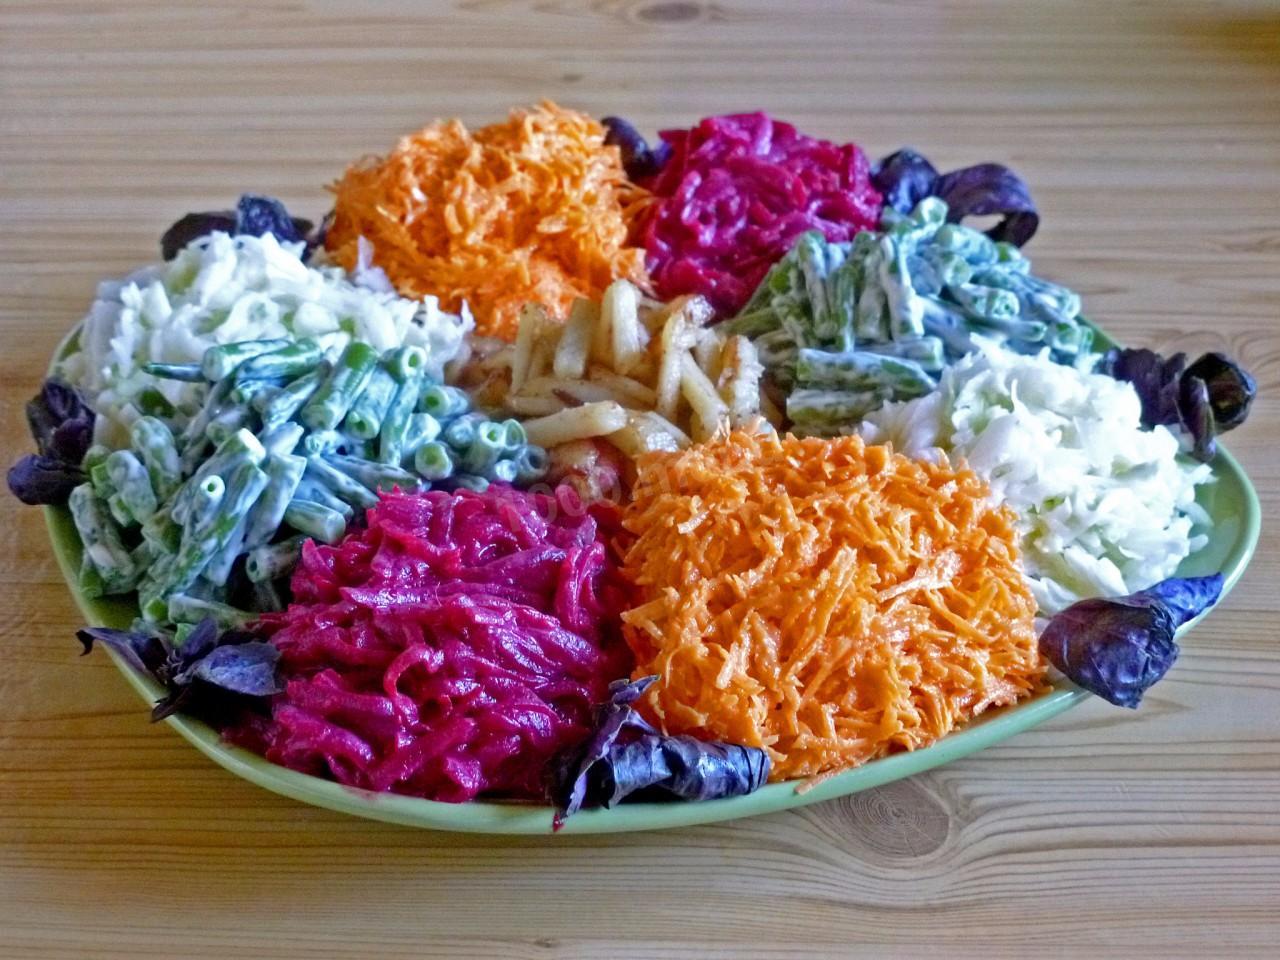 Салат огни парижа с курицей рецепт с фото — pic 10